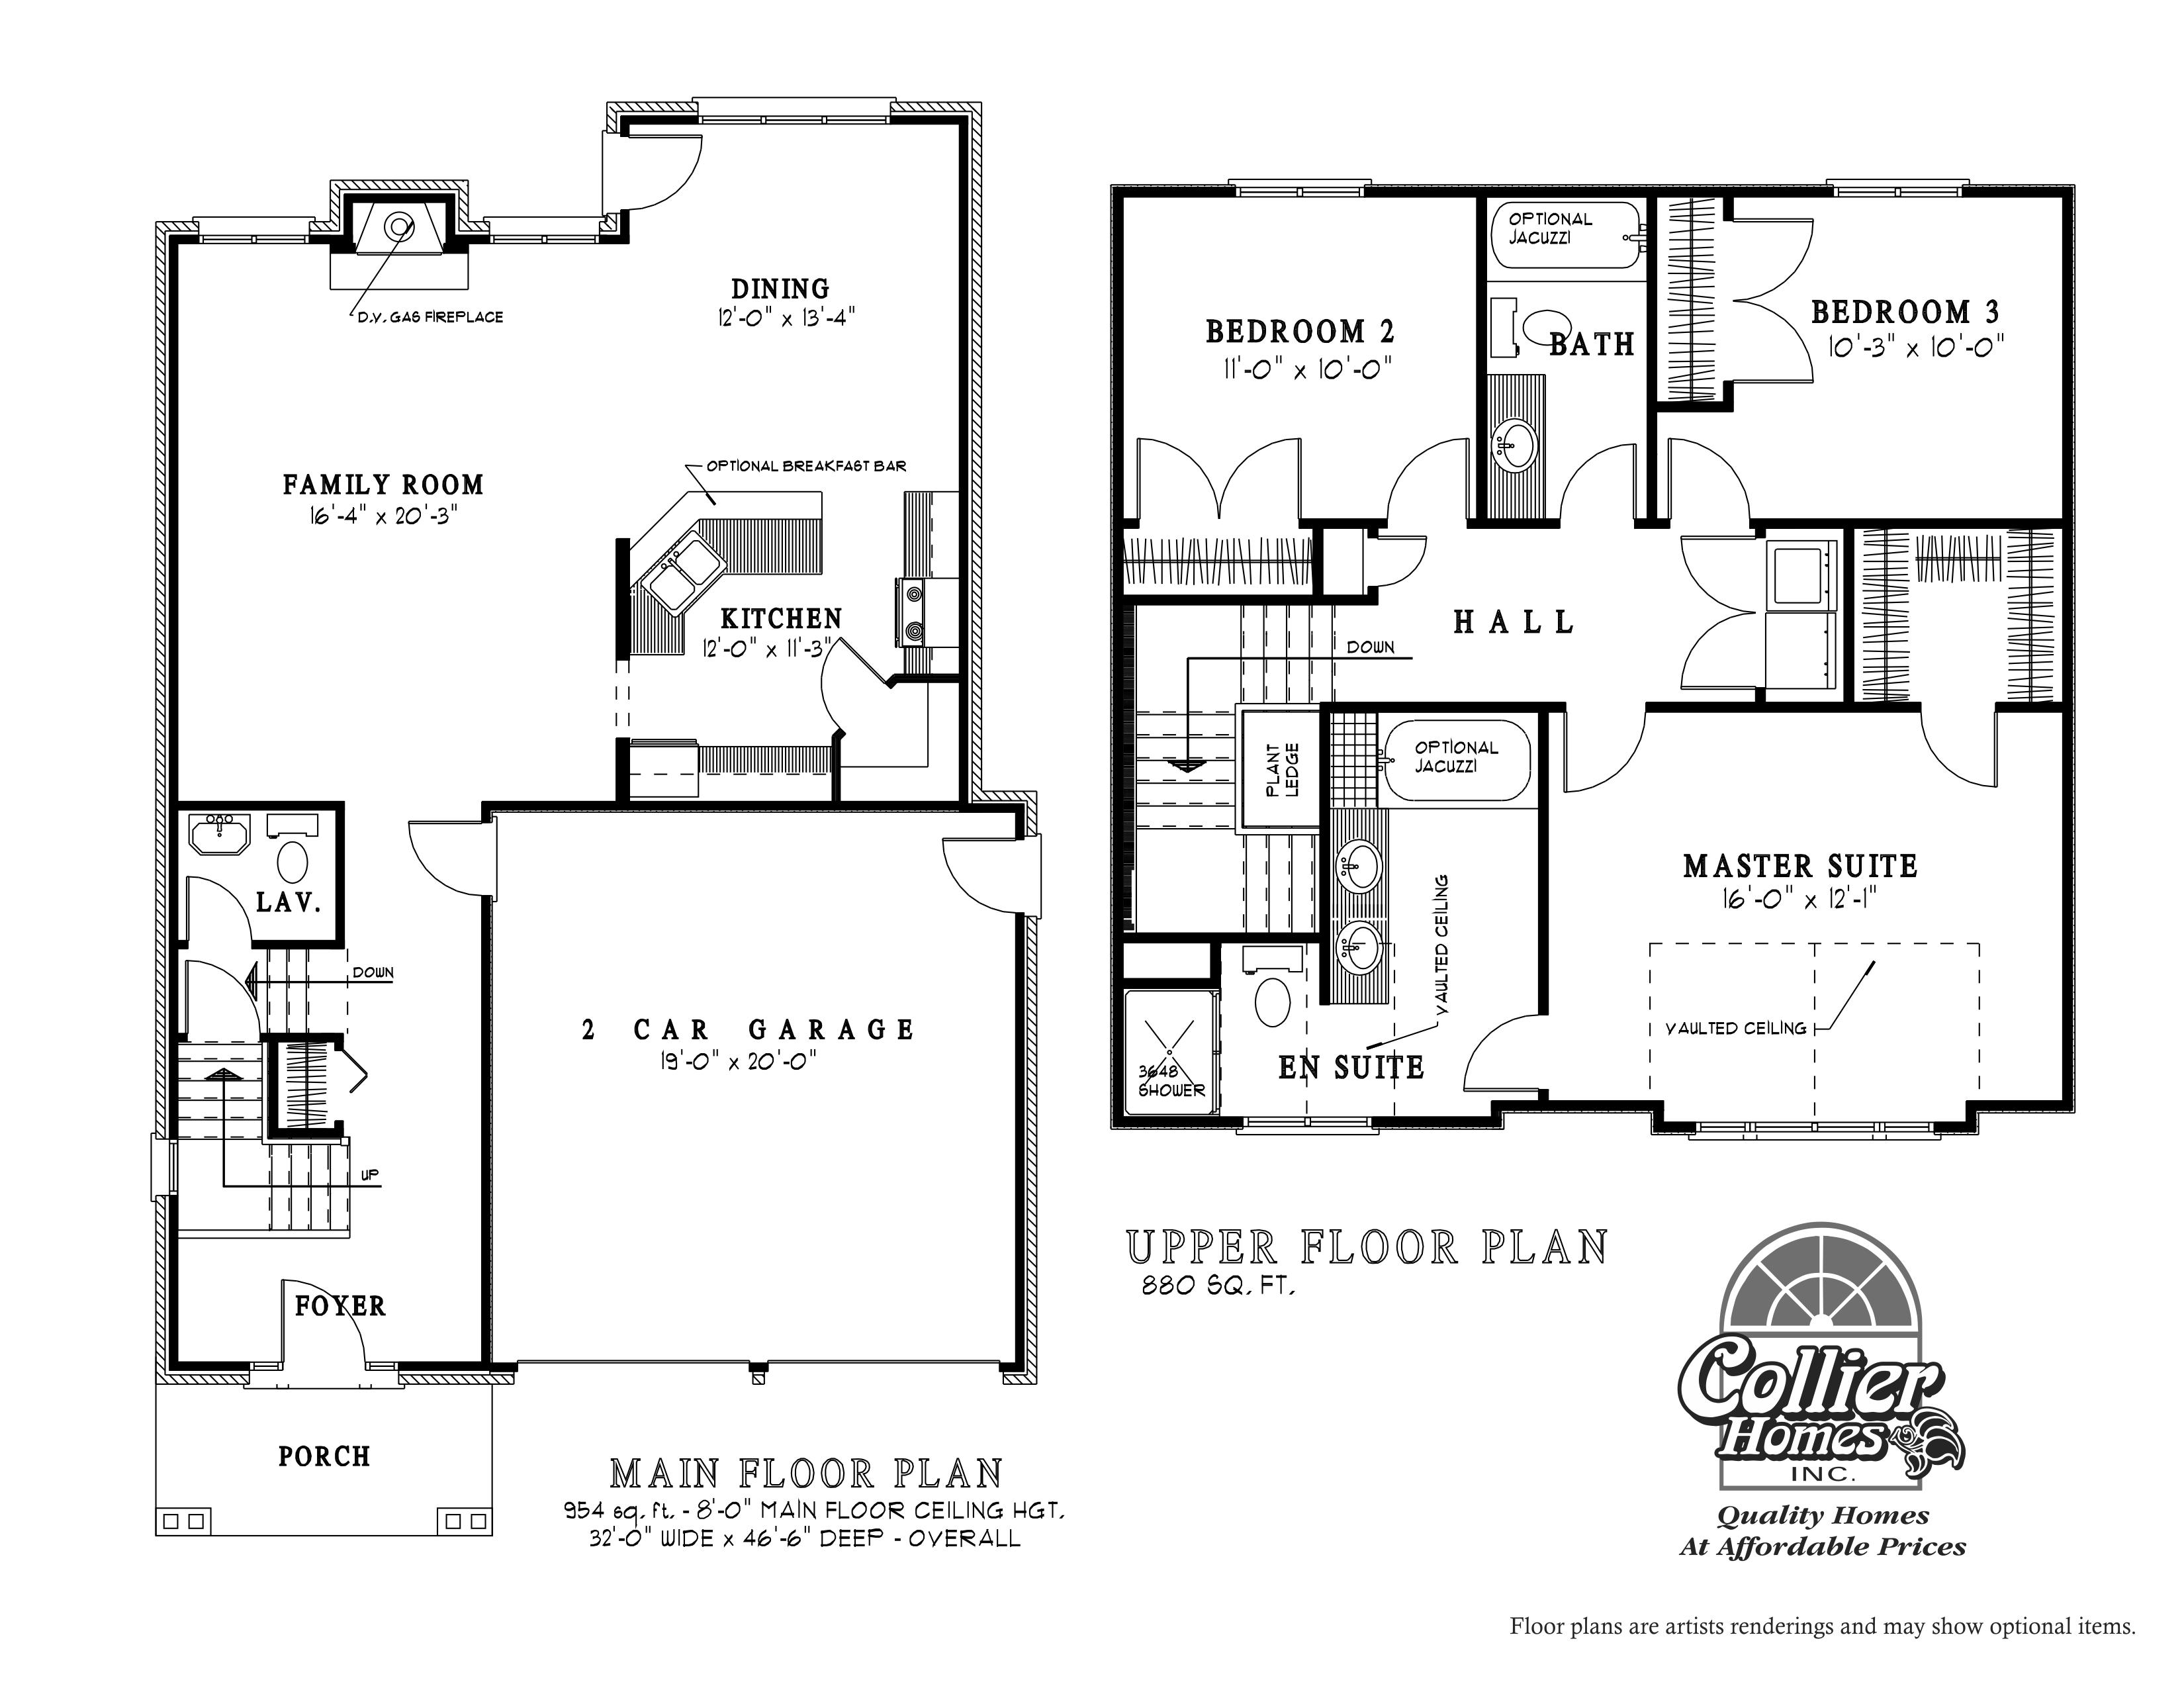 AvondaleII_floorplan